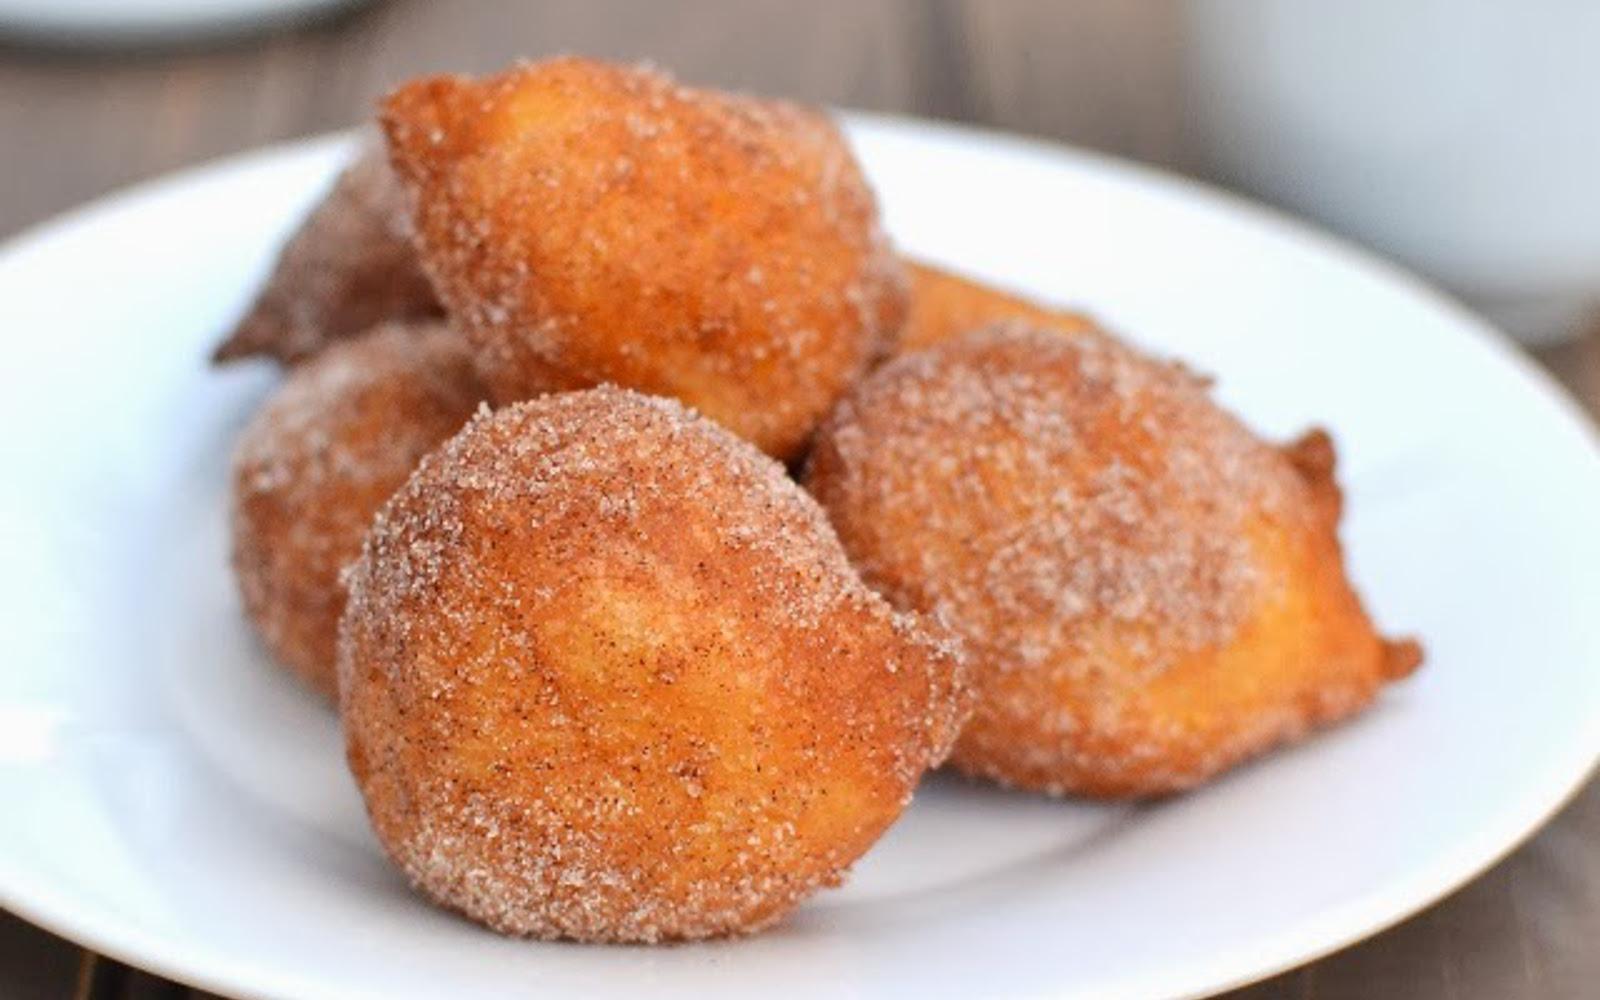 Zeppoles: Italian Doughnuts